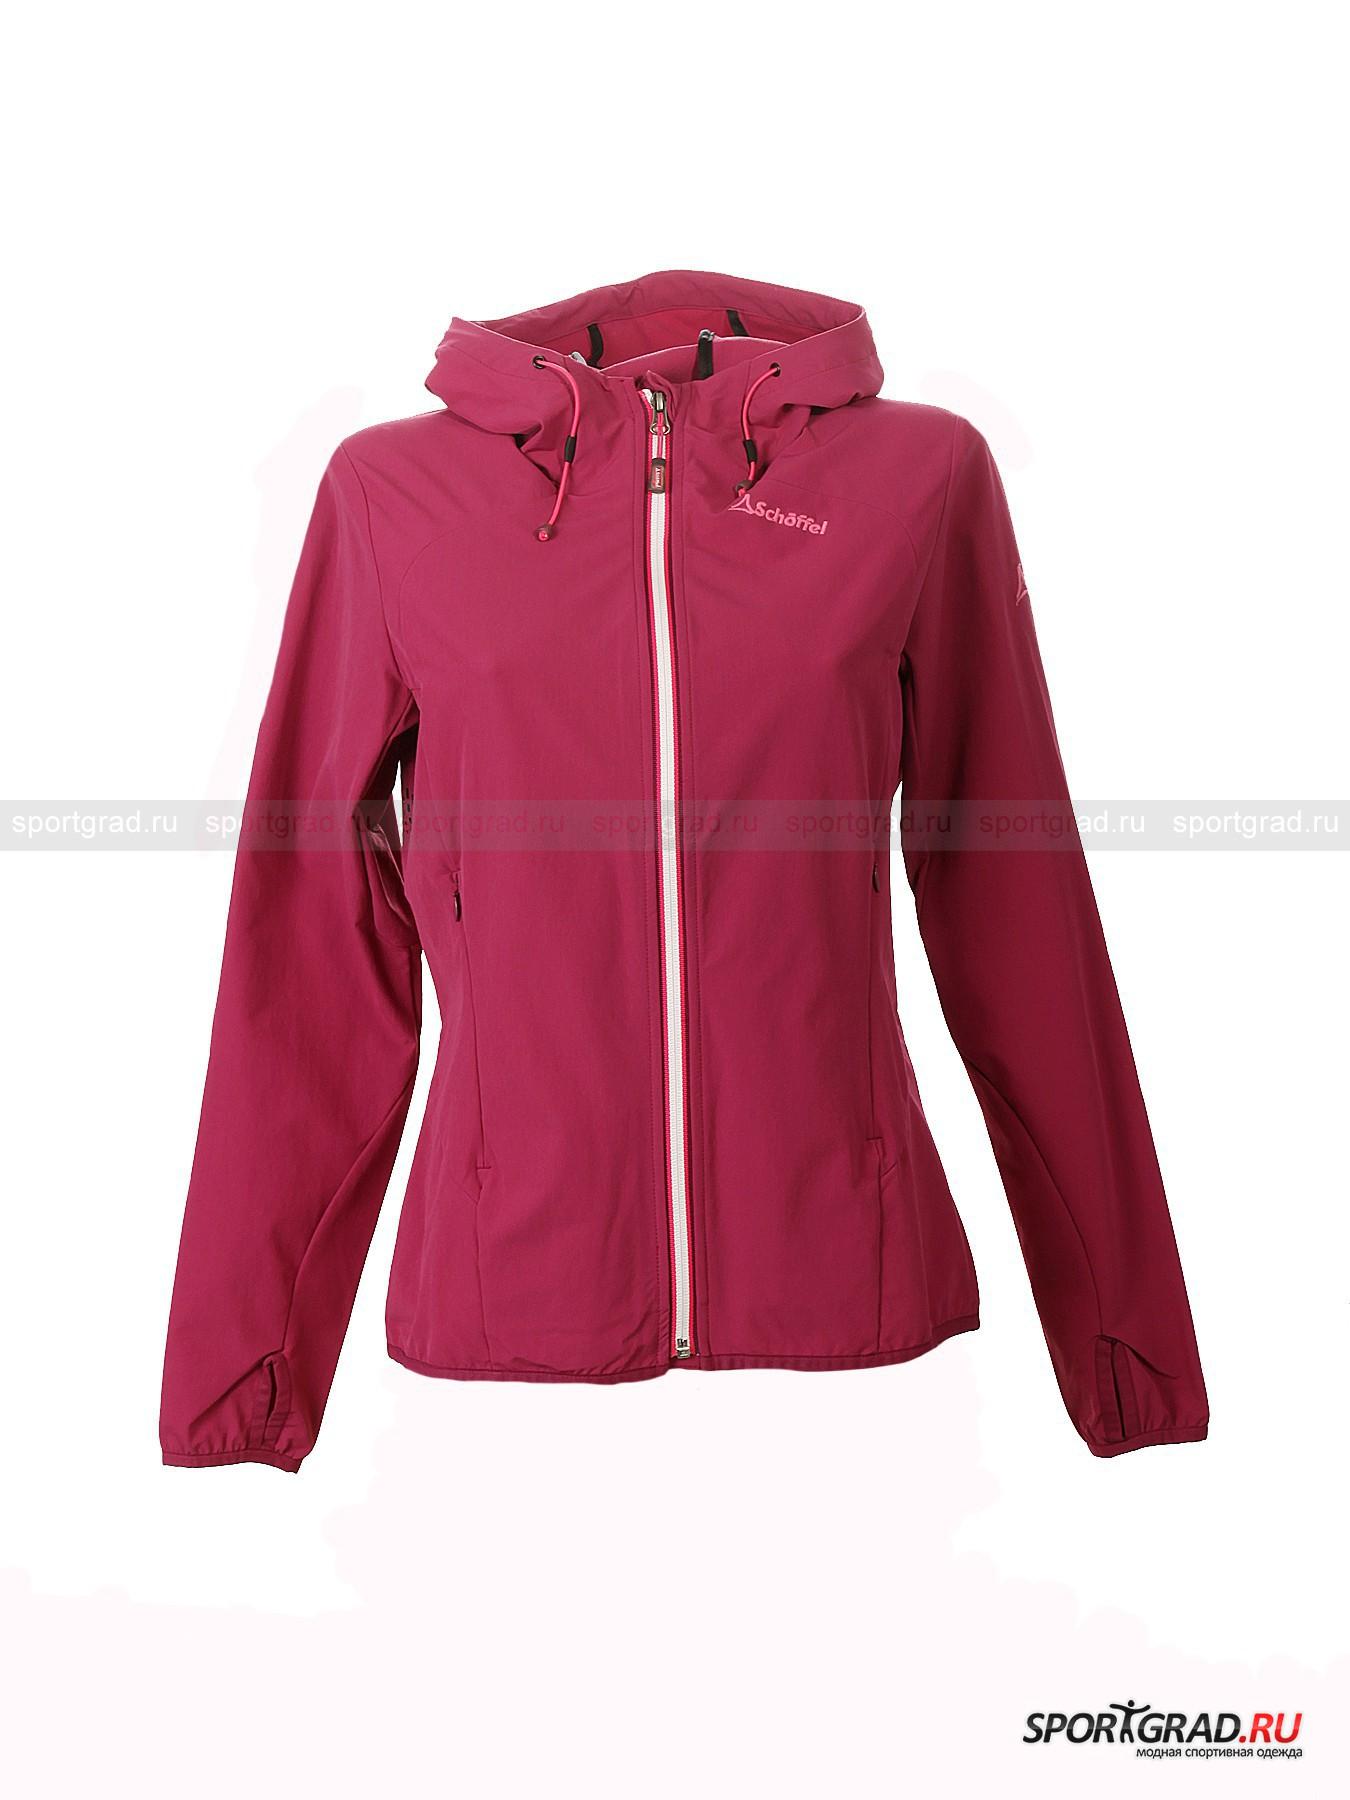 Куртка ветровка женская SCHOFFEL Electra от Спортград